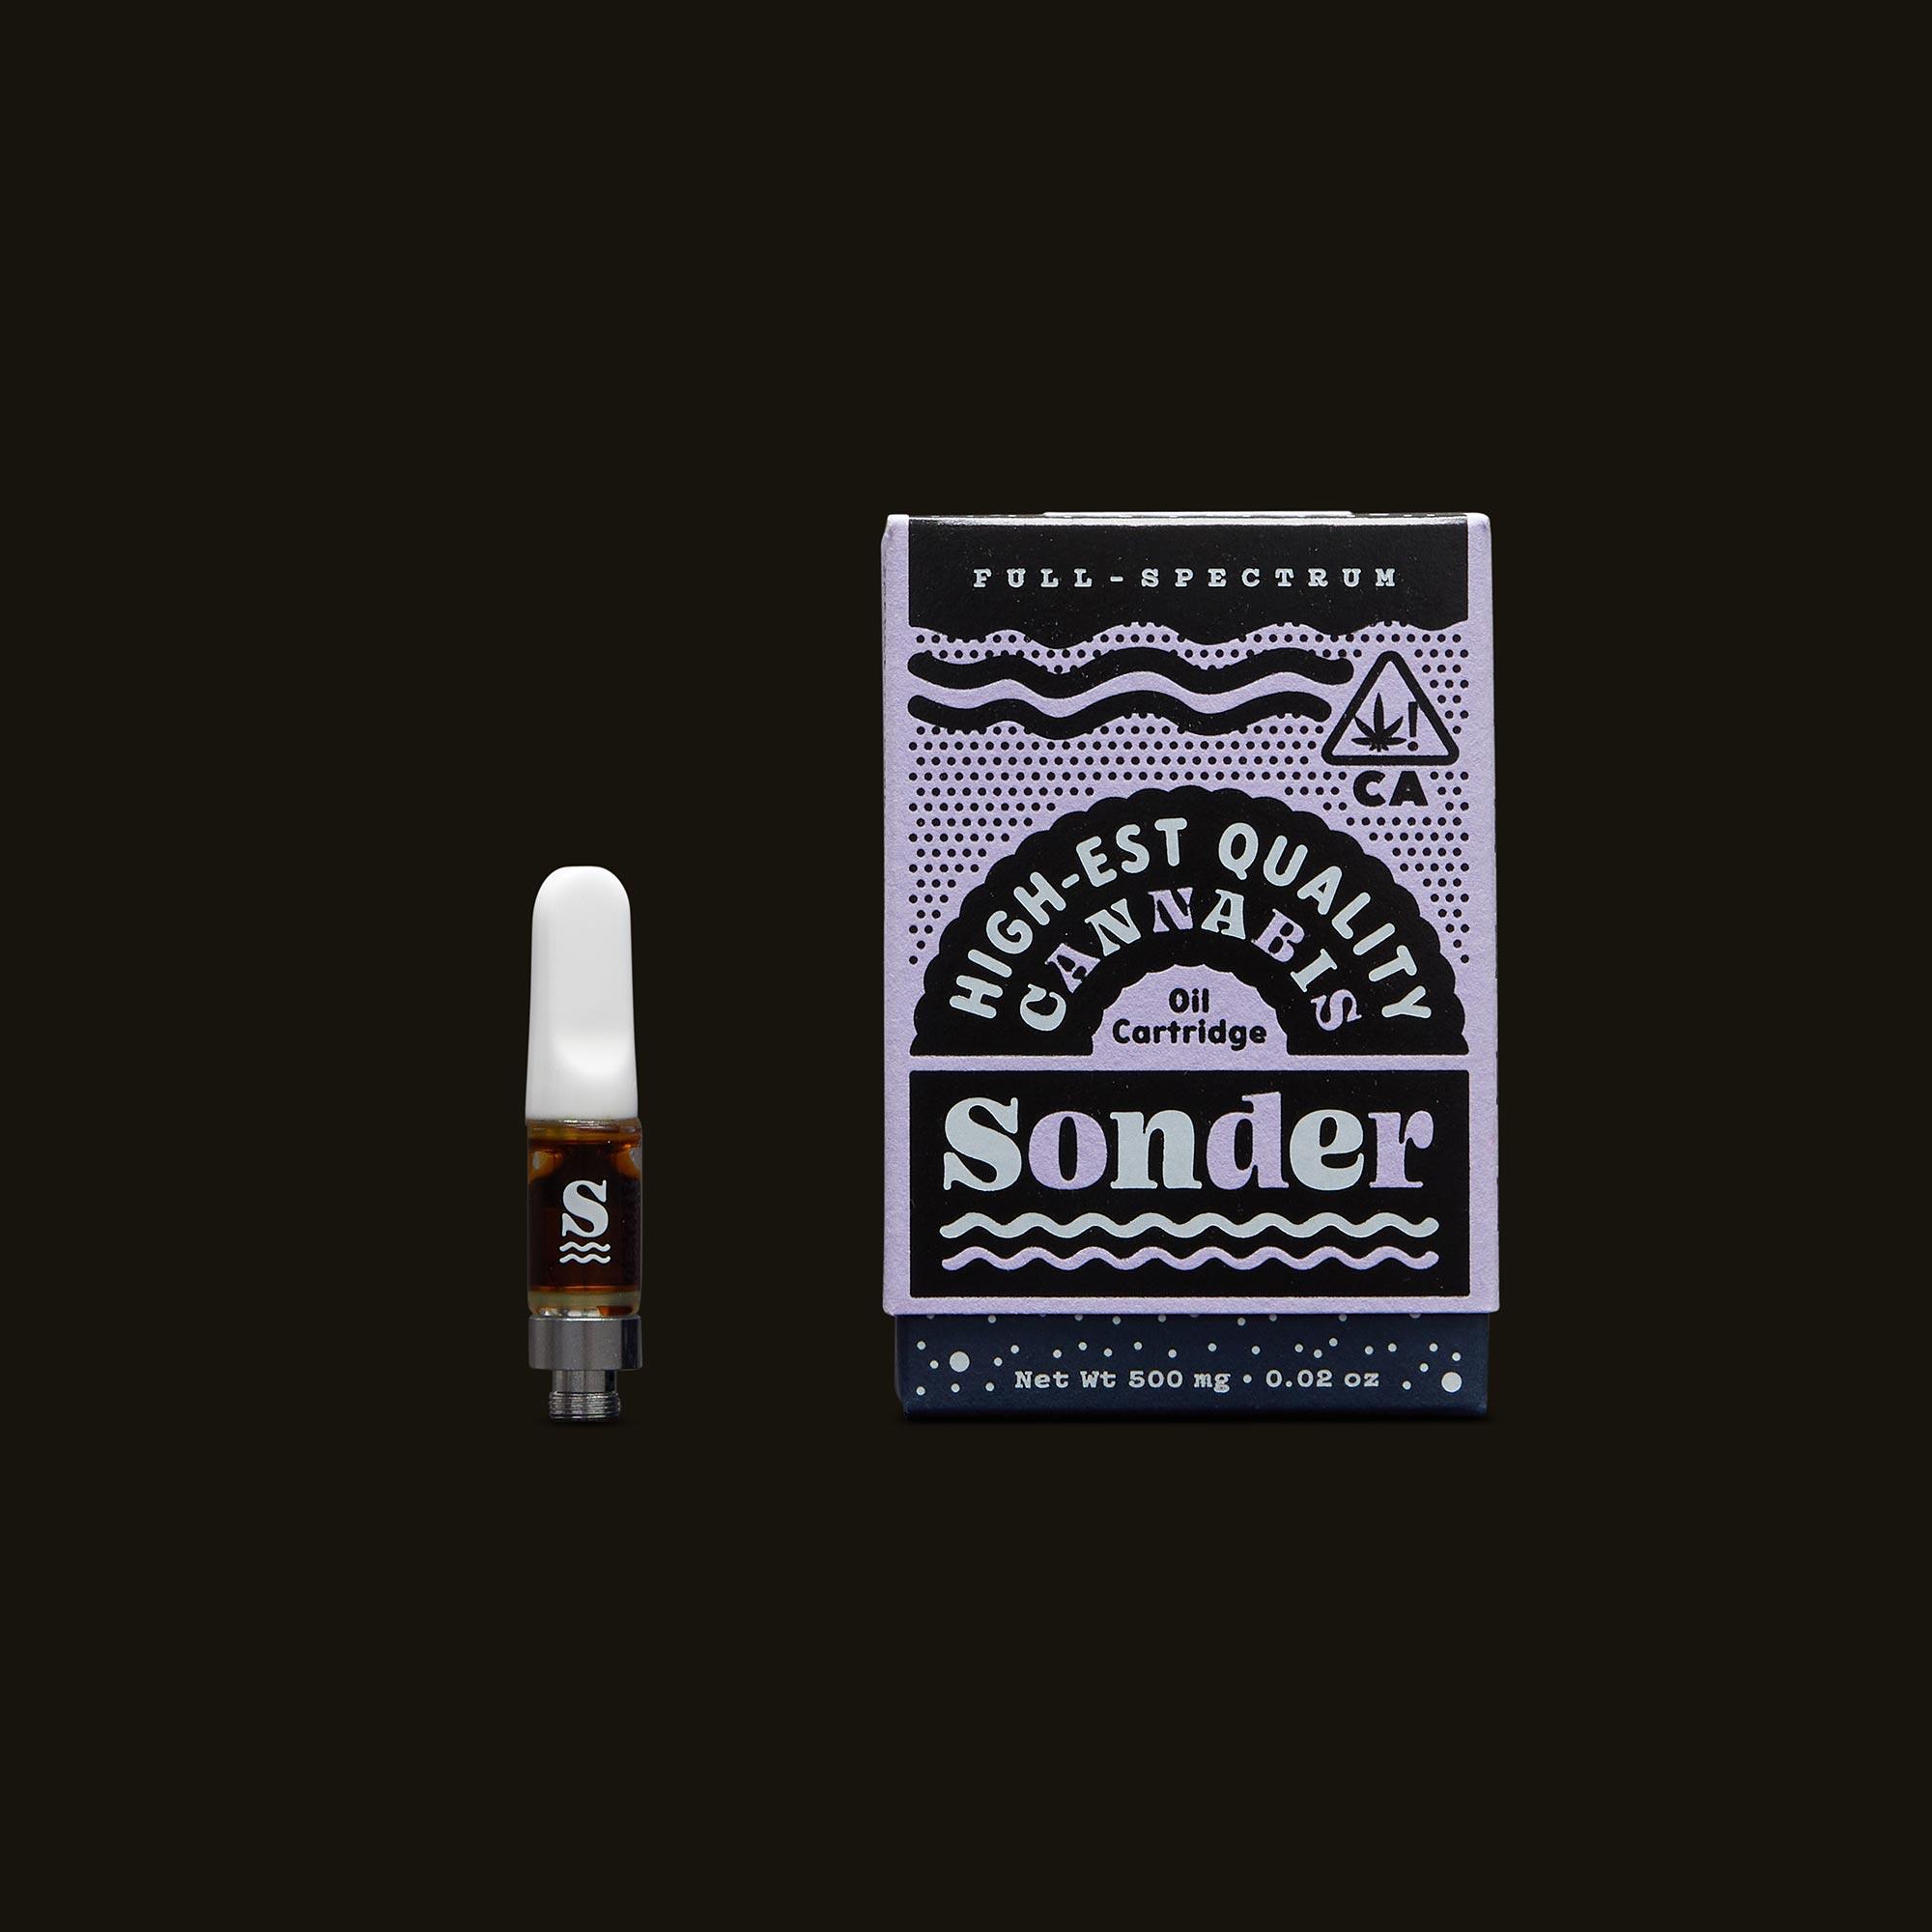 Gorilla No. 4 Cartridge by Sonder